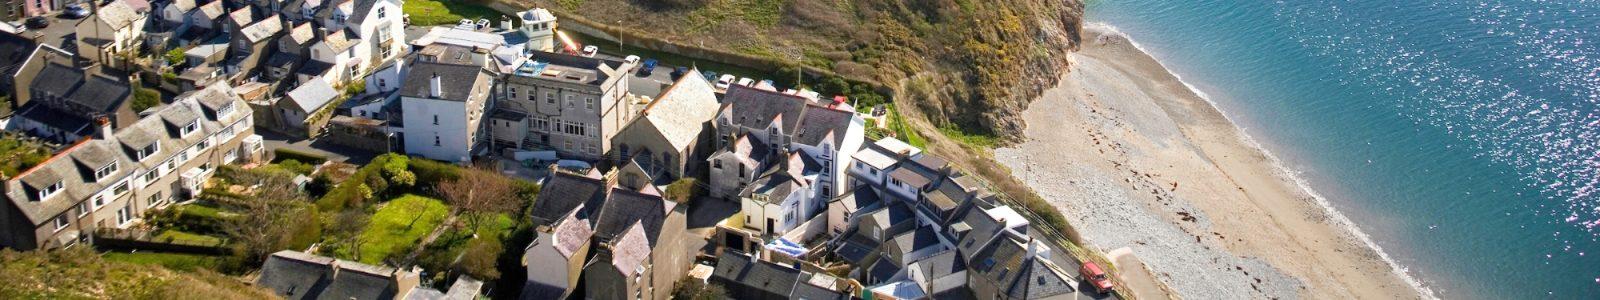 Houses in Criccieth - Snowdonia Caravan Park Llwyn Bugeilydd